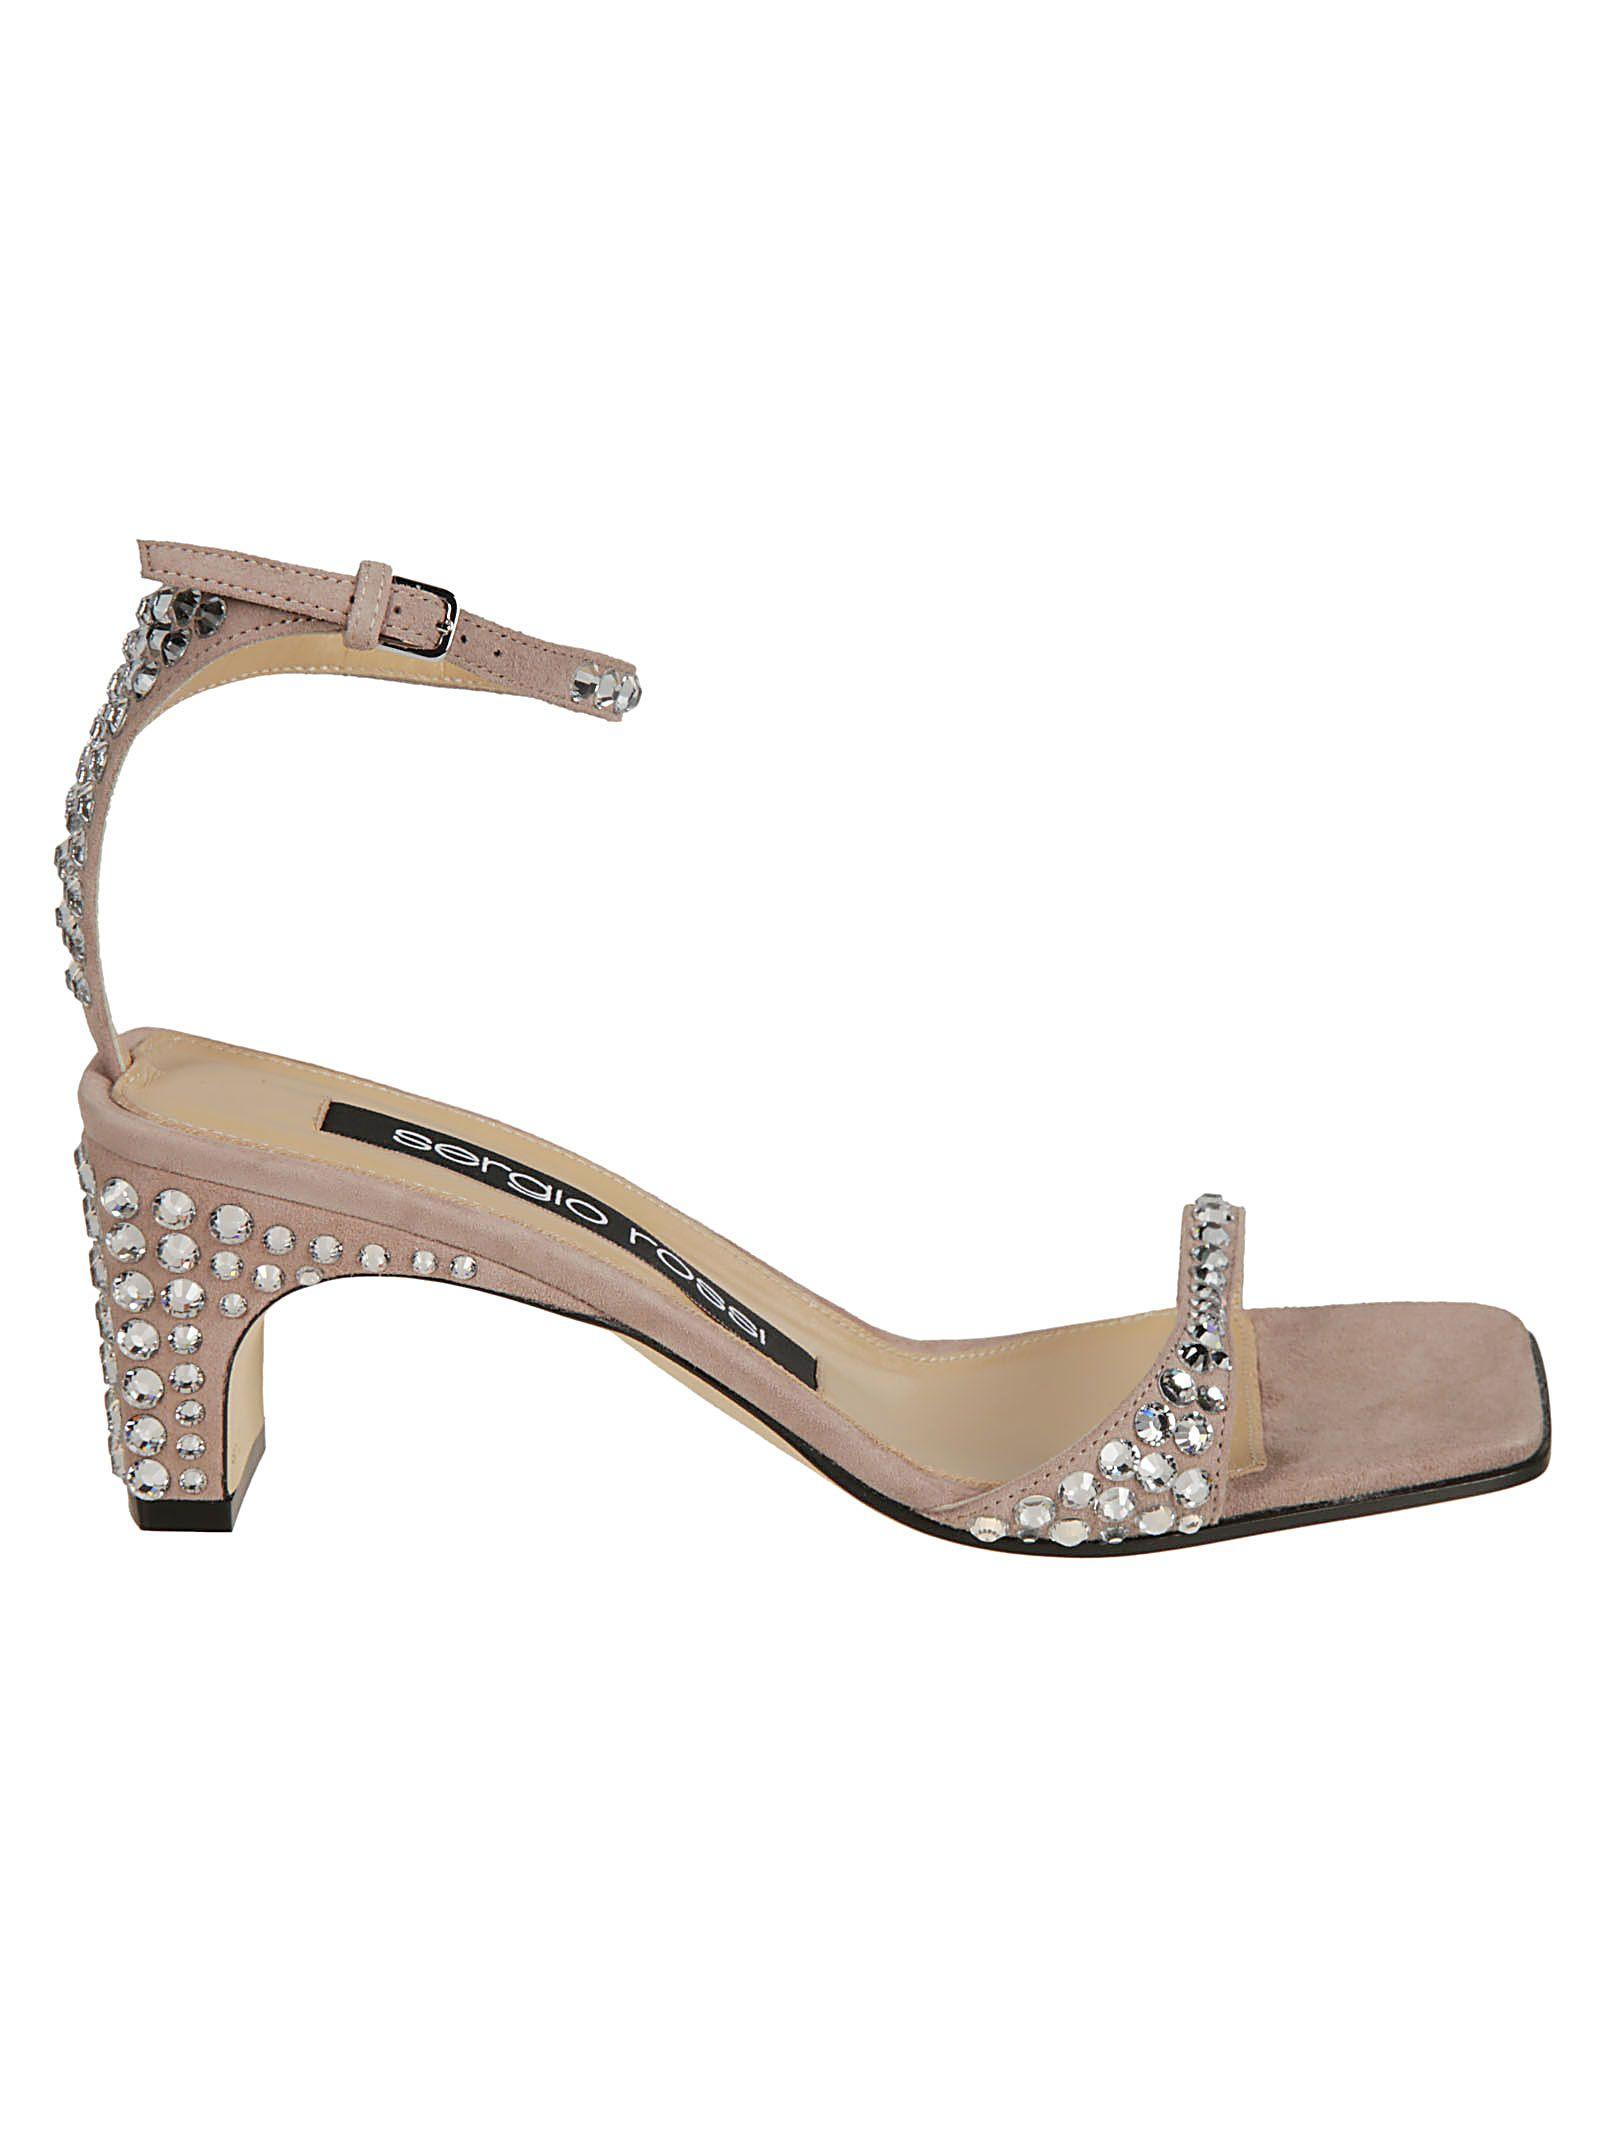 bf9ae30e9990c Sergio Rossi Sergio Rossi Embellished Sandals - Cipria - 10805393 ...